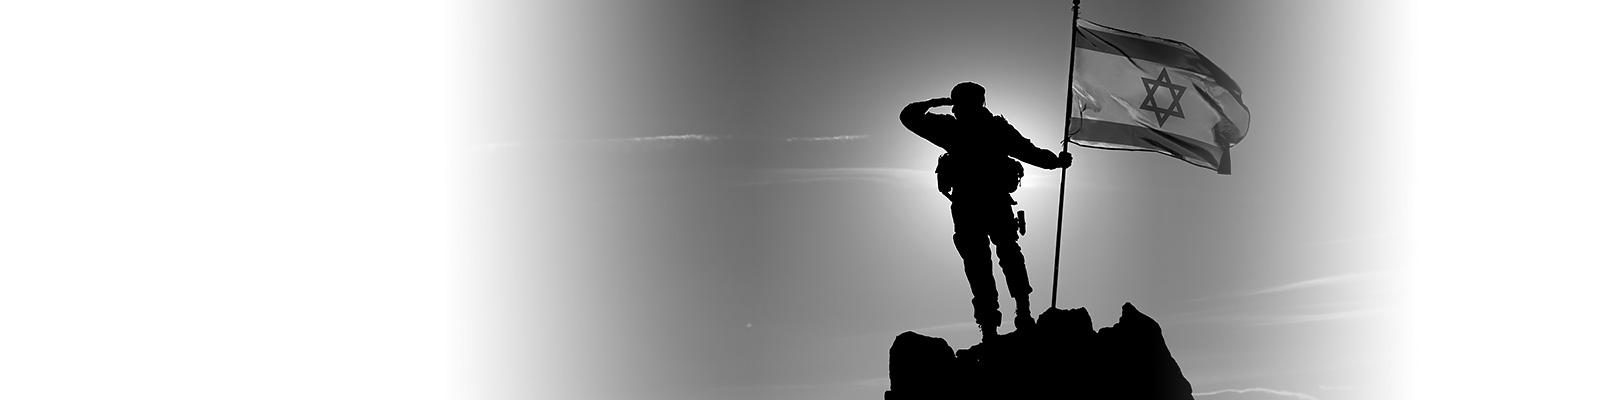 イスラエル 兵士 頂上 イメージ